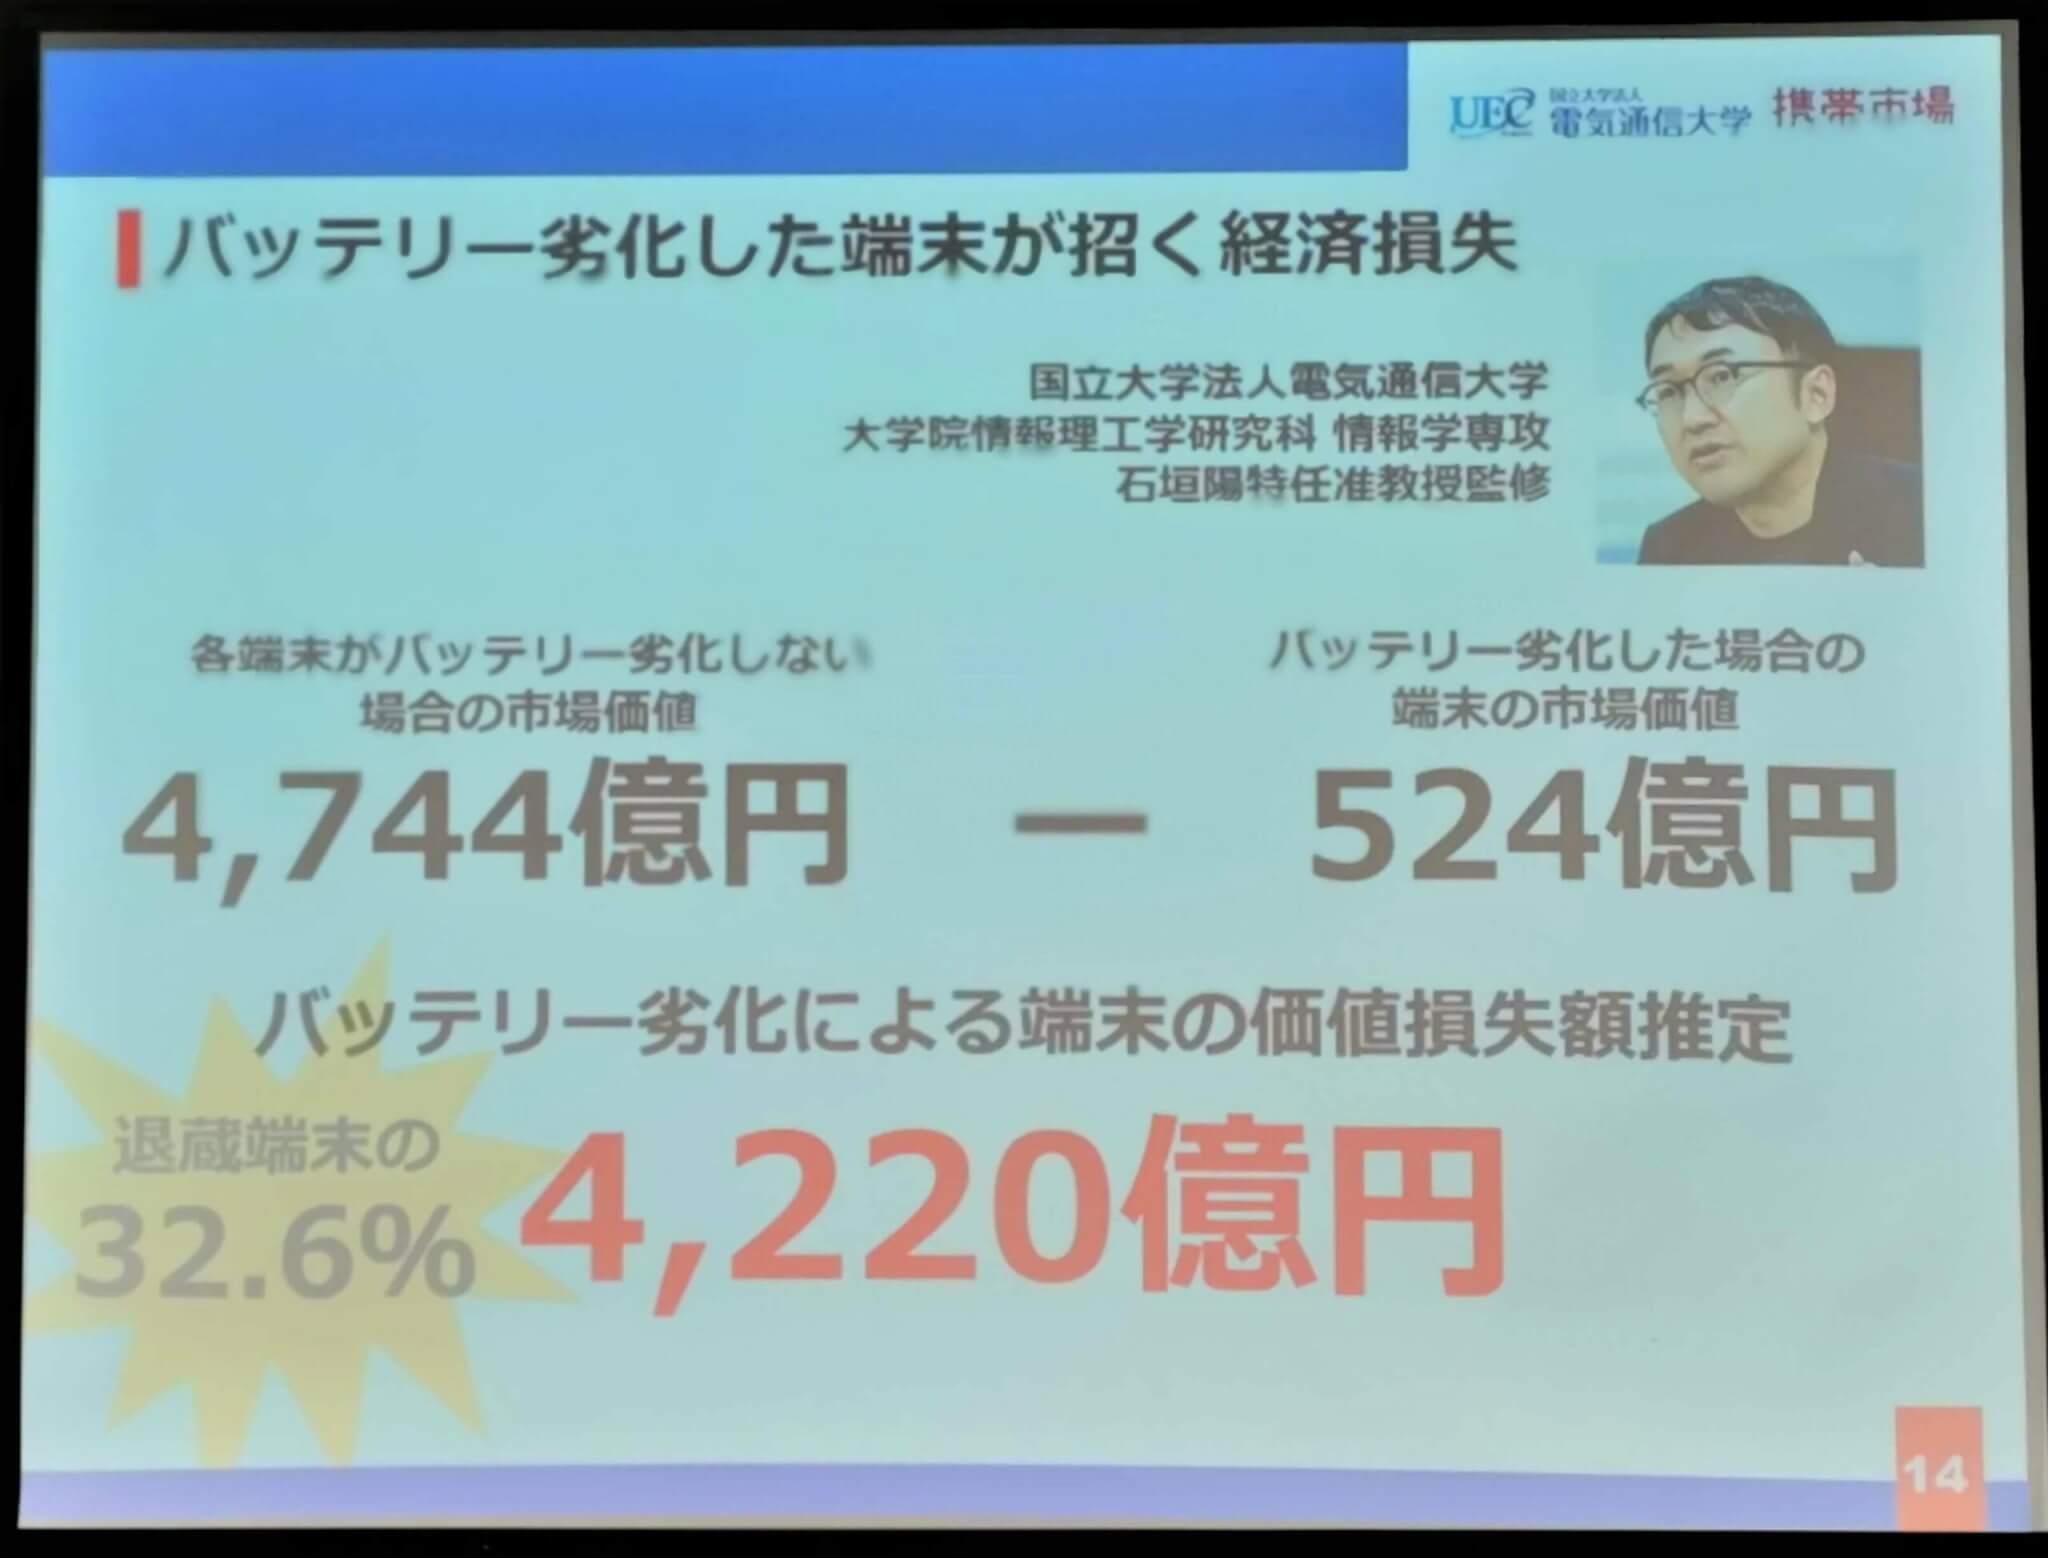 バッテリー劣化割合を考えれば4,220億円も価値が損失してしまう試算に!